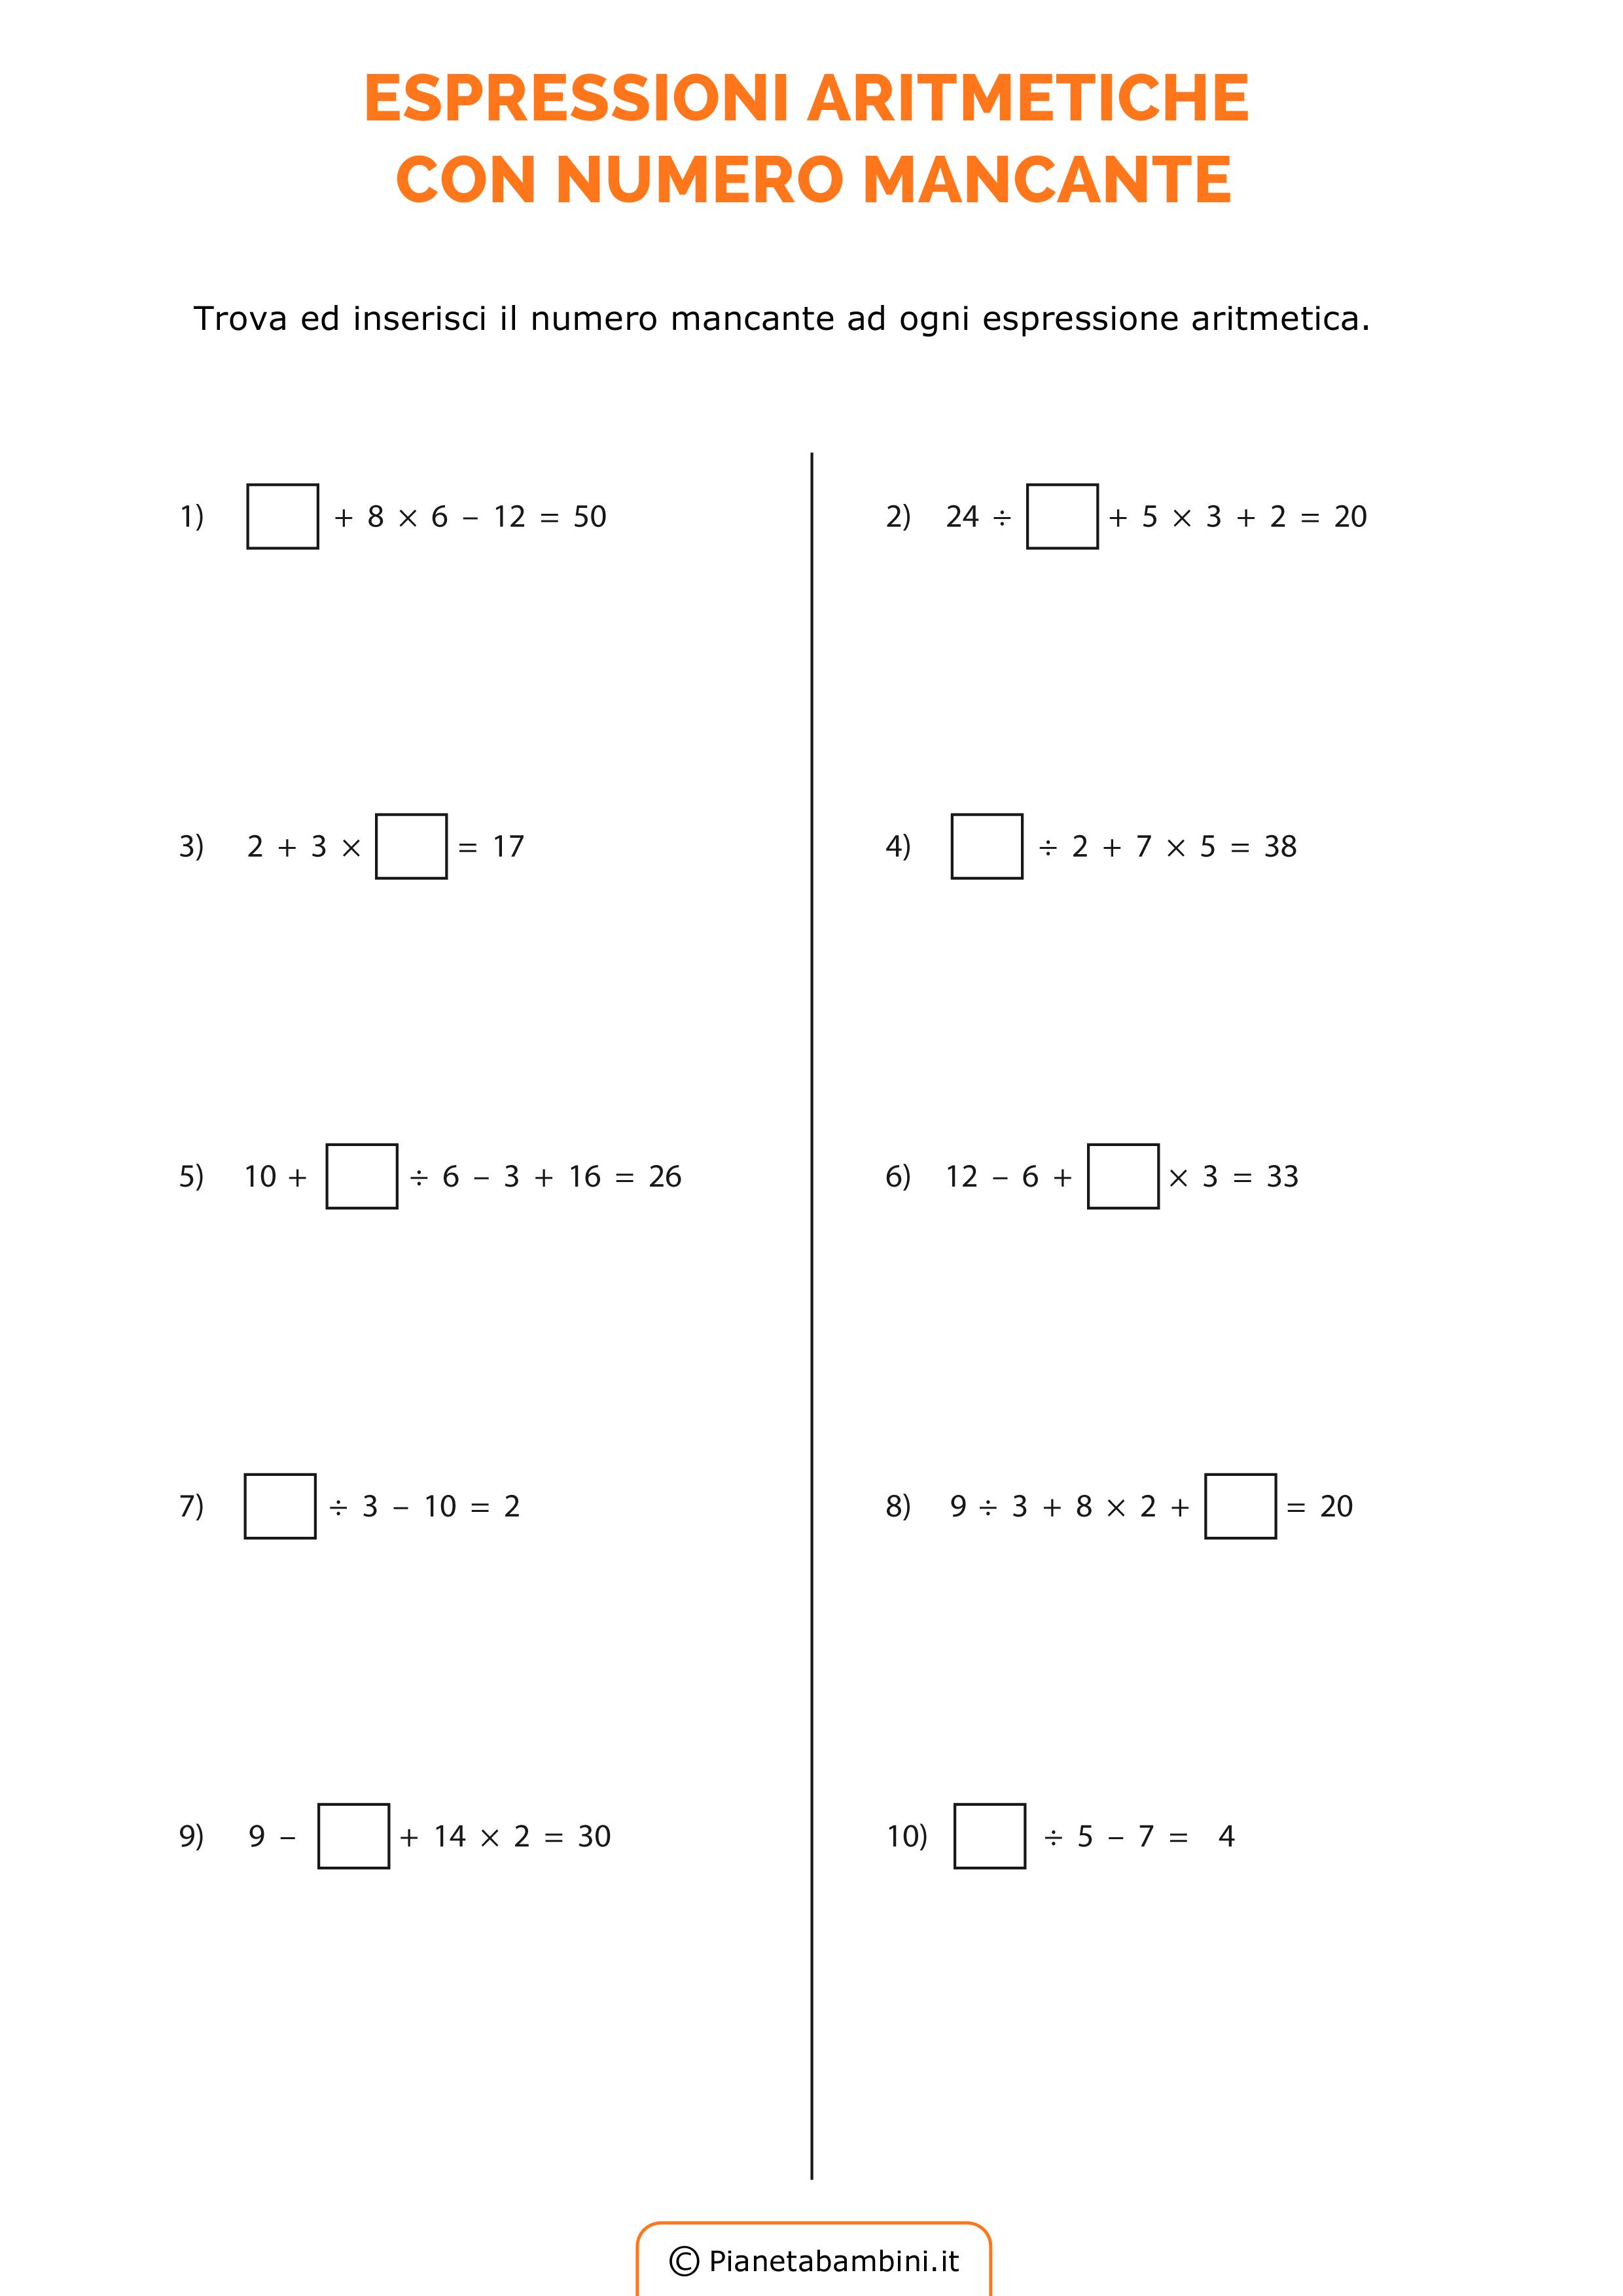 Esercizi-Espressioni-Numero-Mancante_1